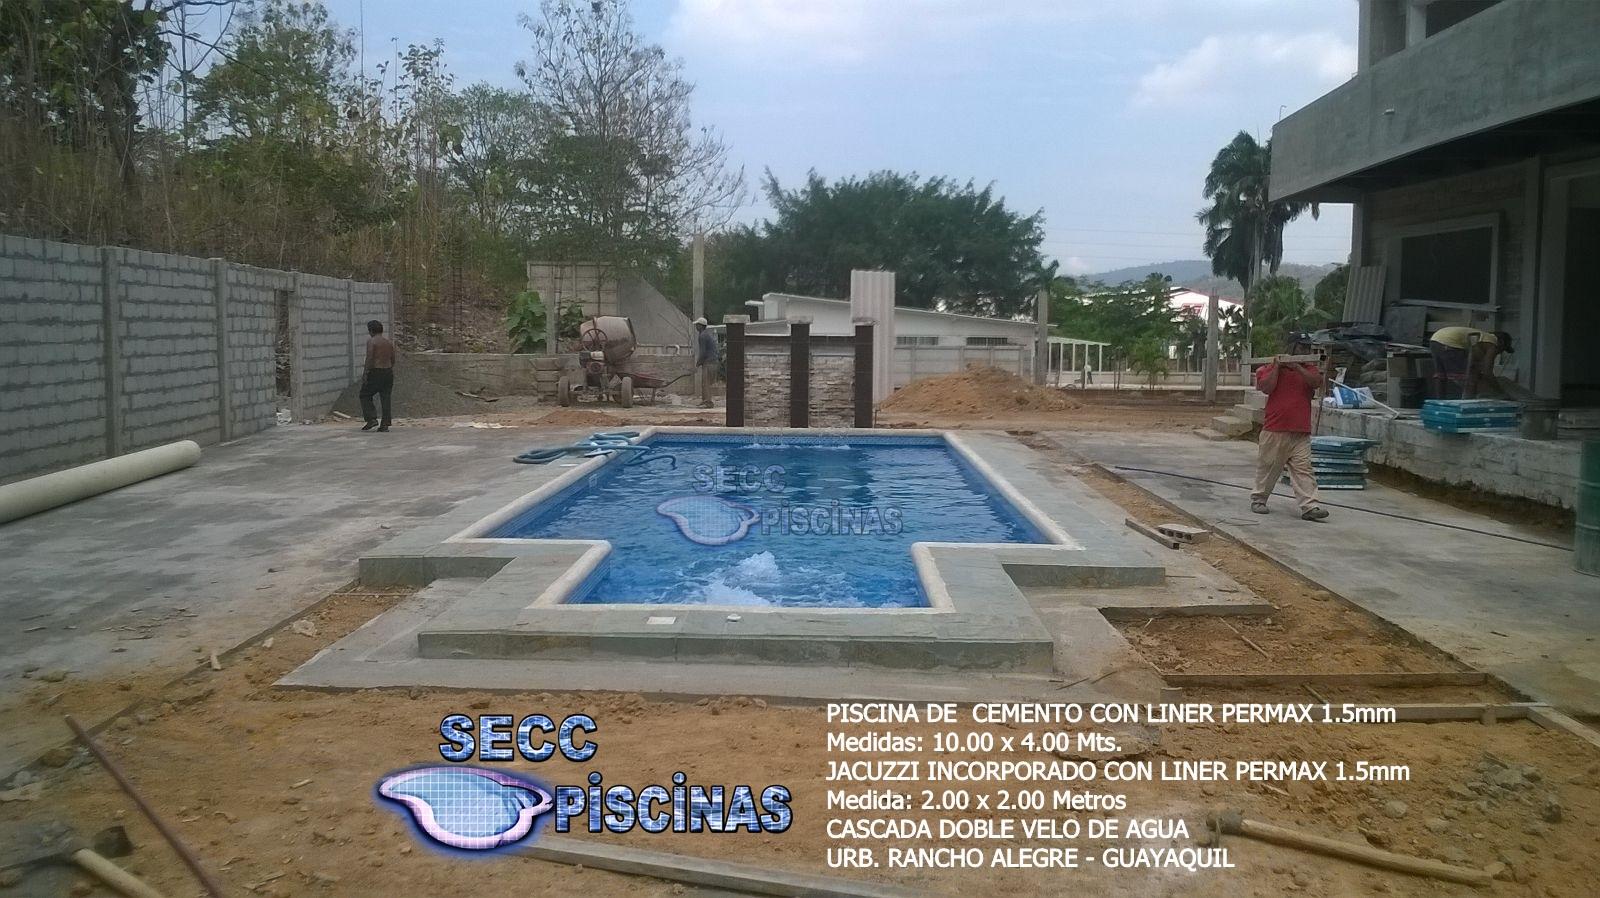 Secc piscinas piscinas con jacuzzi incorporado en liner for Construccion de piscinas en ecuador